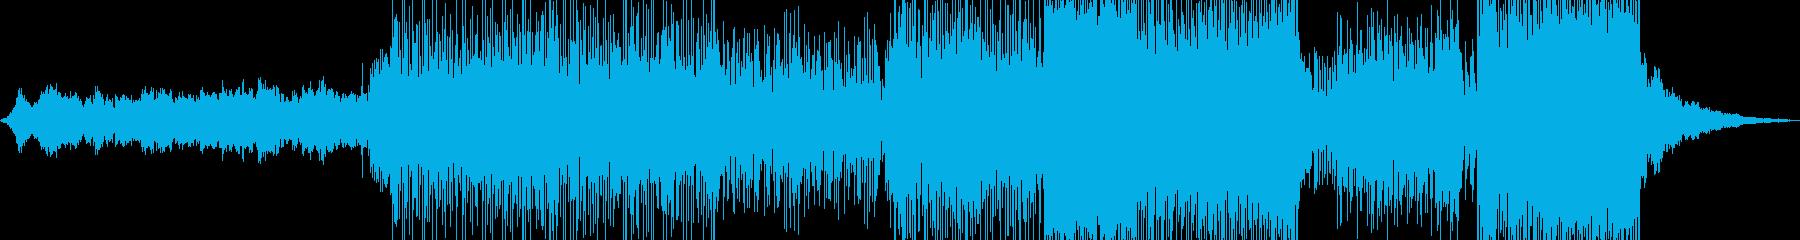 琴・三味線・演歌調ポップ&ロック +の再生済みの波形